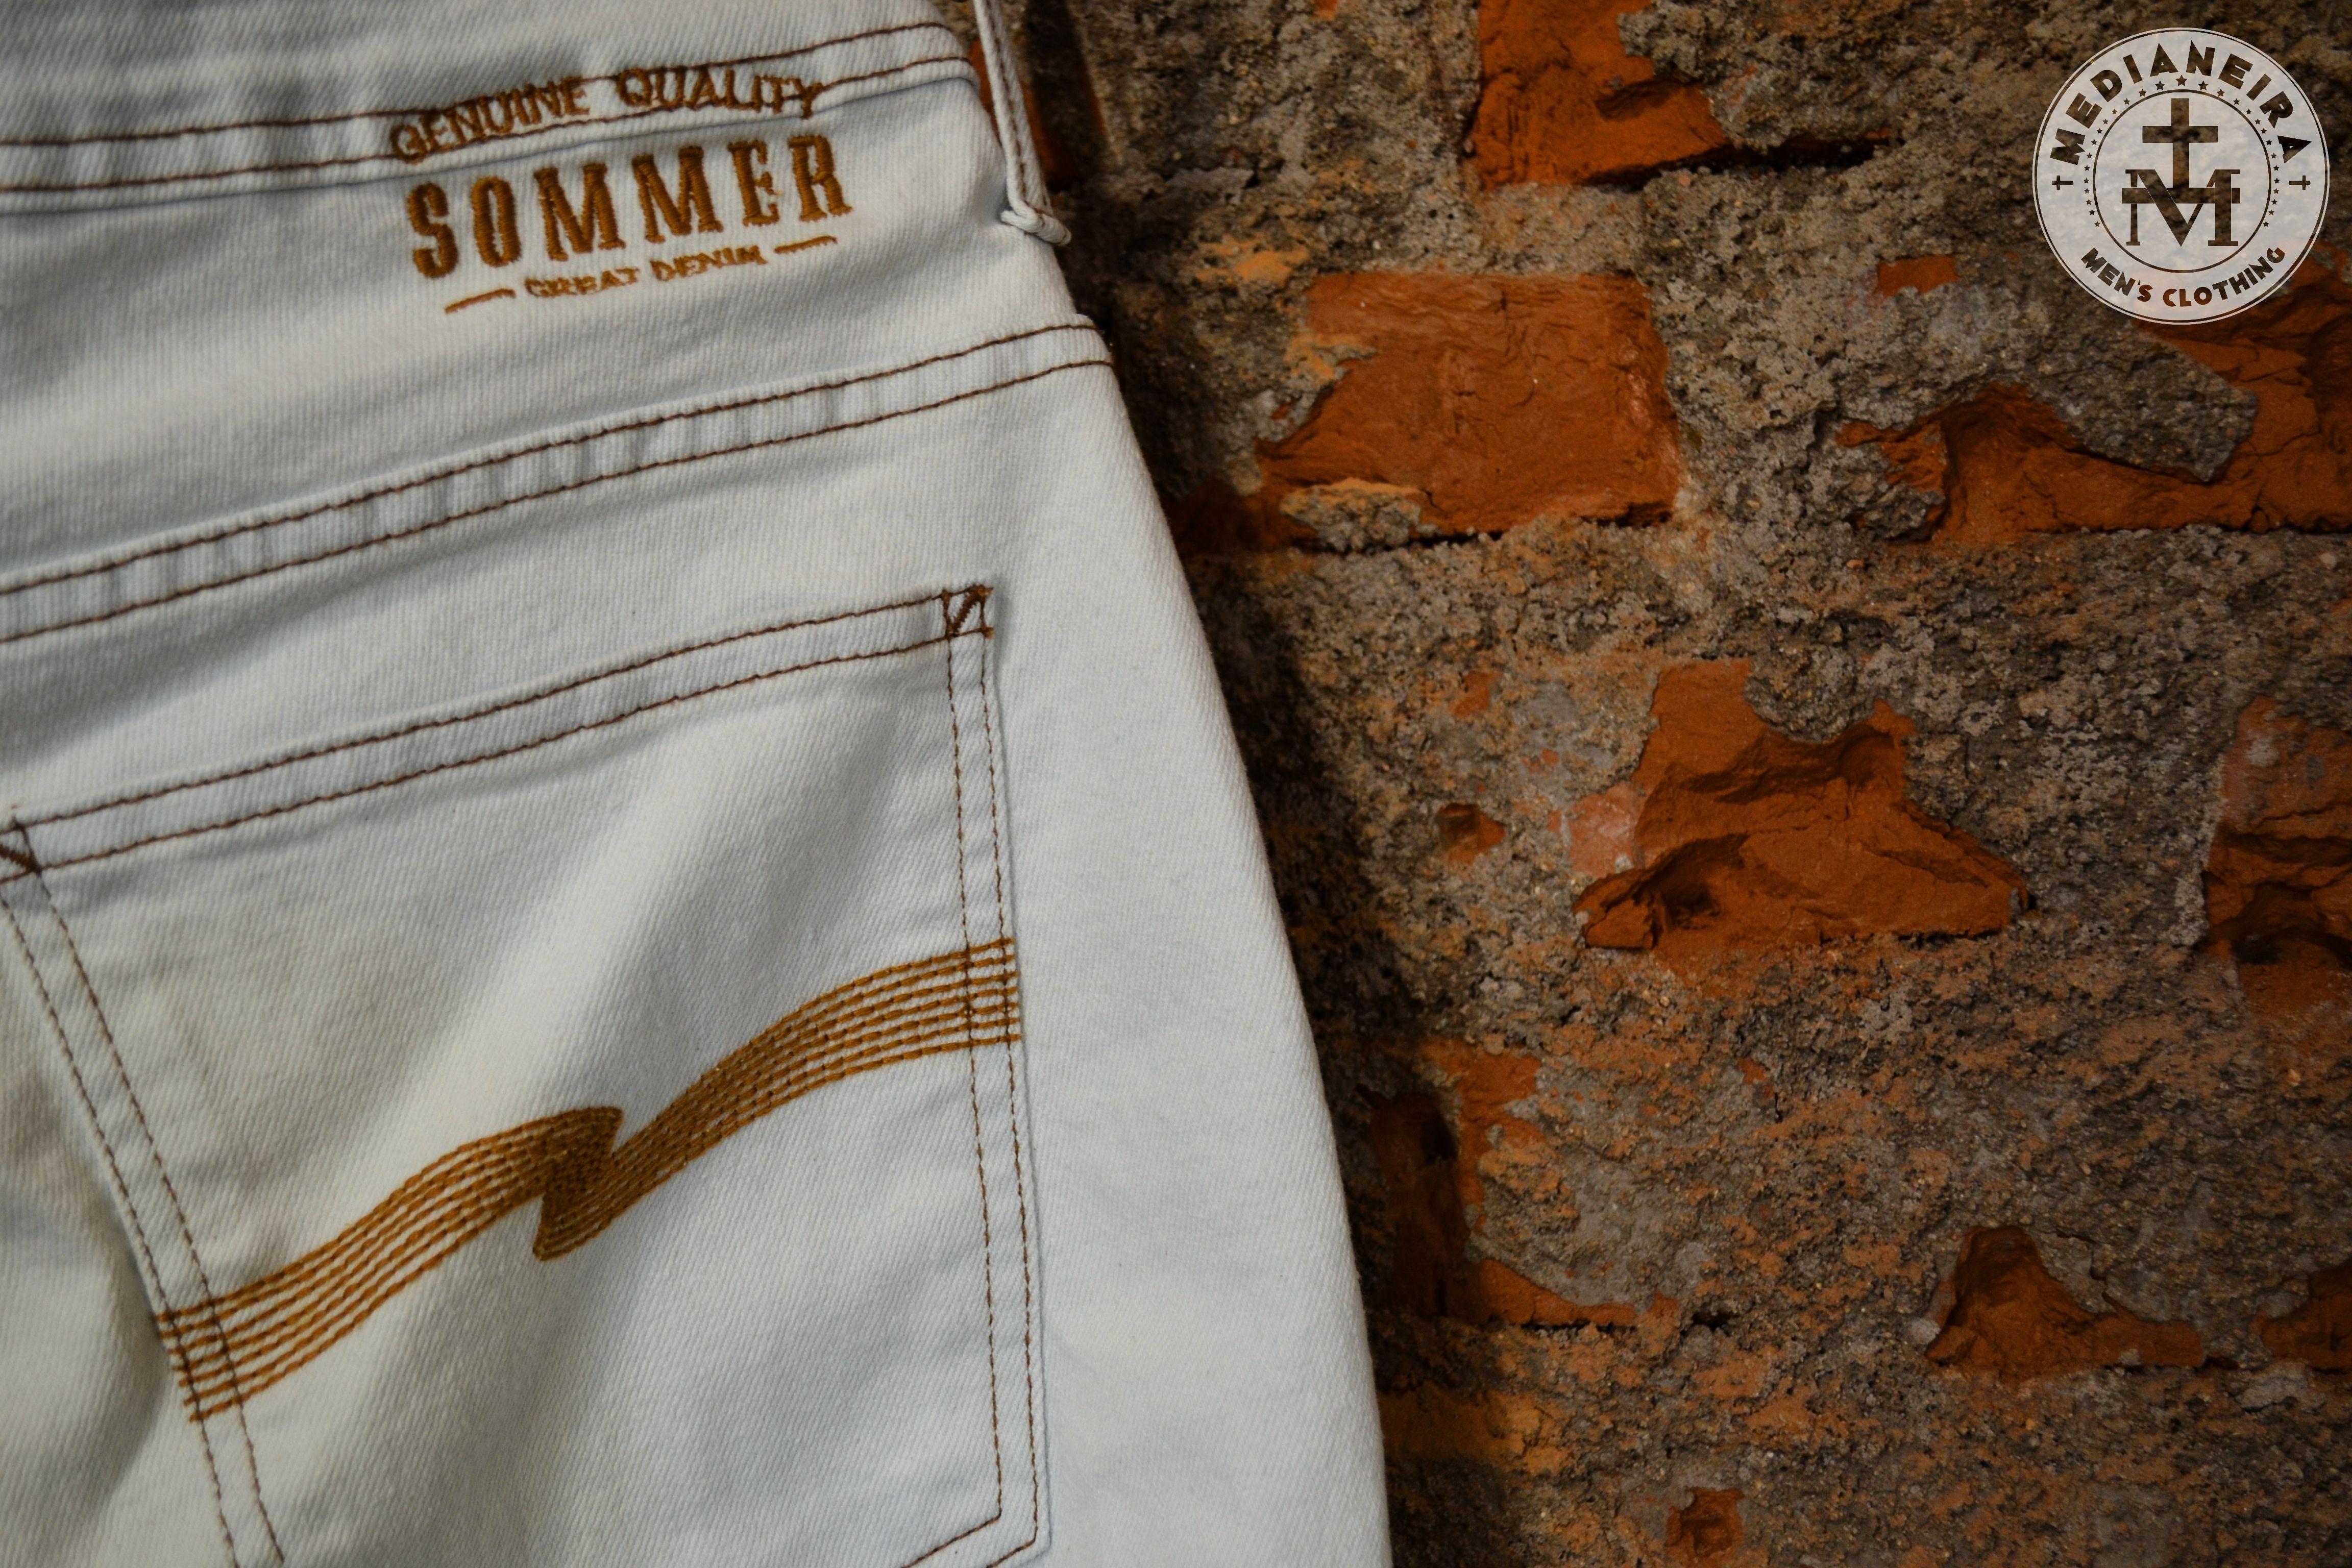 Chegando novidade em jeans da Sommer!  O dia de hoje com o céu brilhando é um dia perfeito para usar esse All Jeans da Sommer!  Nosso horário de atendimento é das 14h até as NOVE DA NOITE!!  Horário diferenciado para atender você que também é diferenciado!  #UseMedianeira